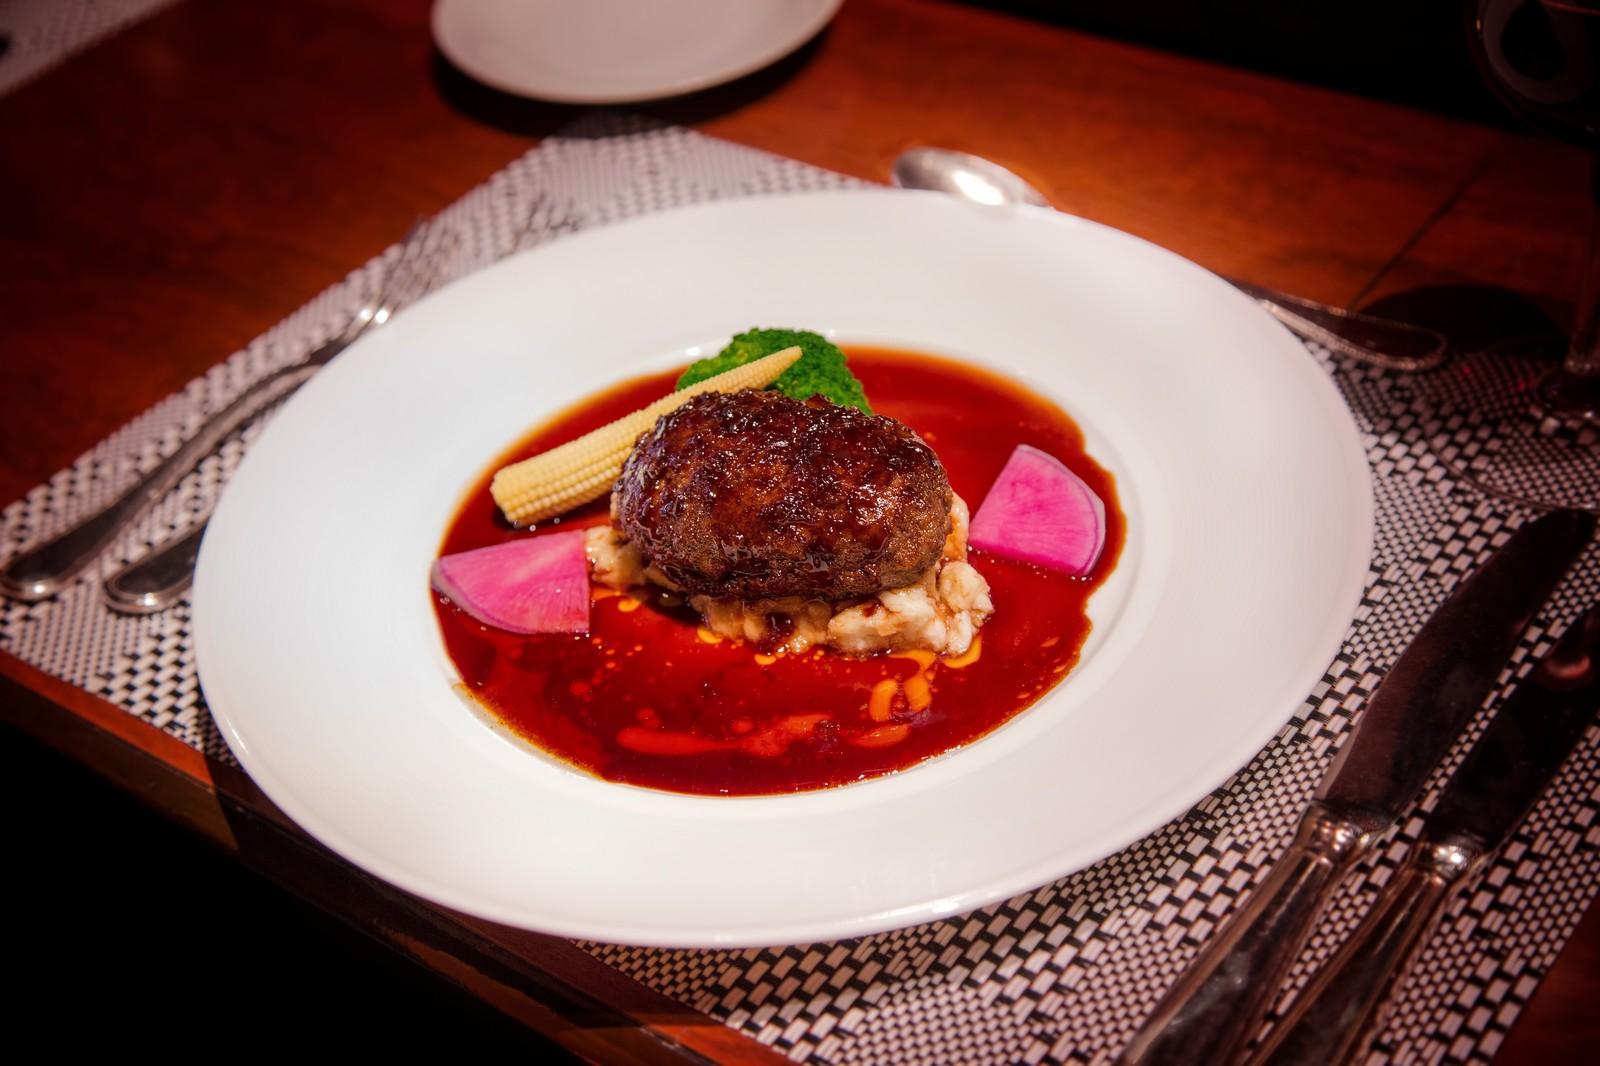 モンブランで浅草ハンバーグ!食べ放題&飲み放題で肉もお酒も大満喫!